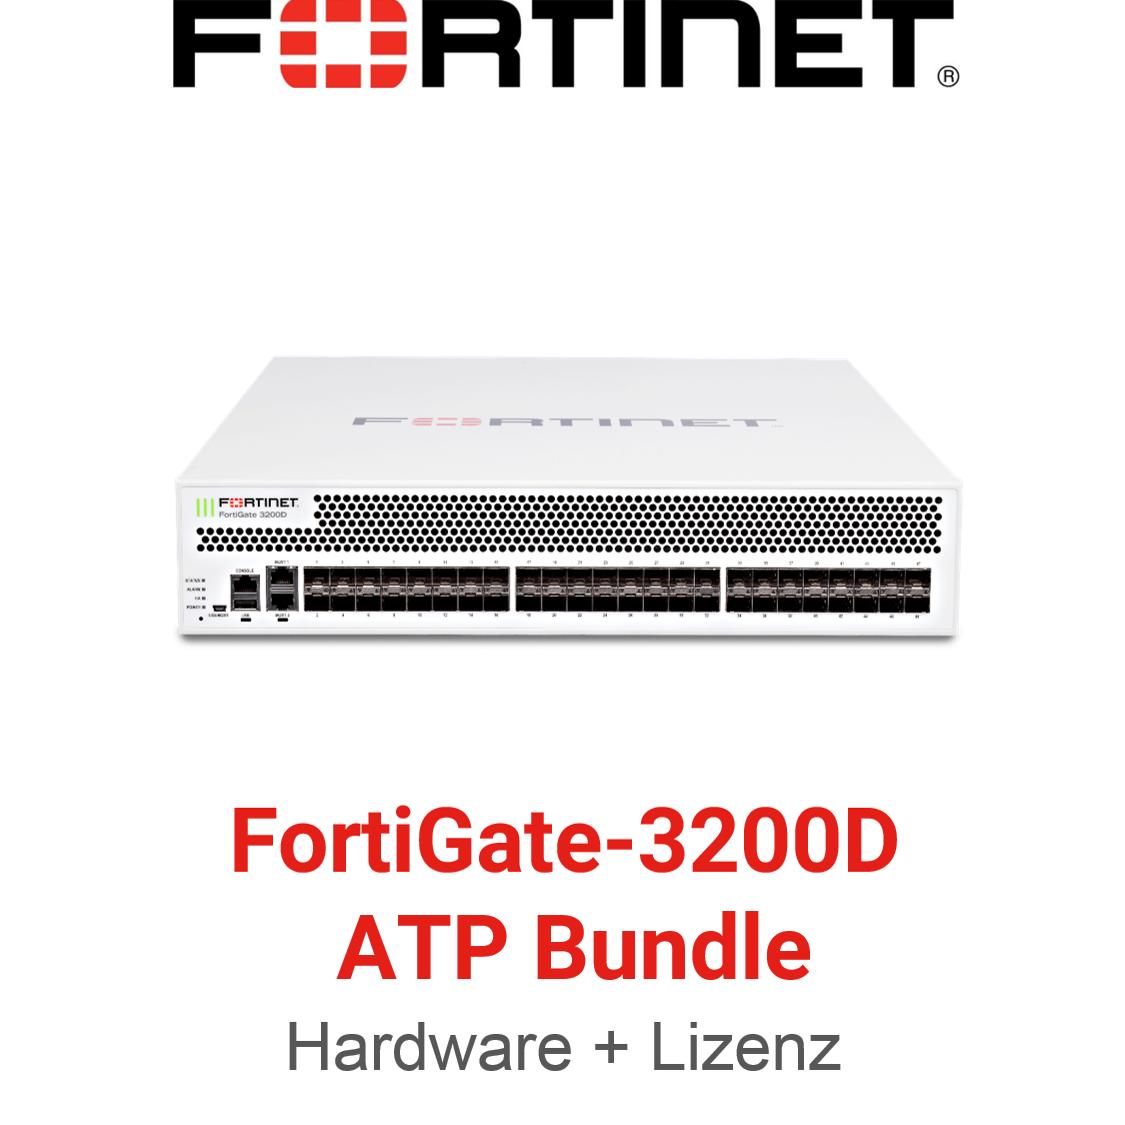 Fortinet FortiGate-3200D - ATP Bundle (Hardware + Lizenz)